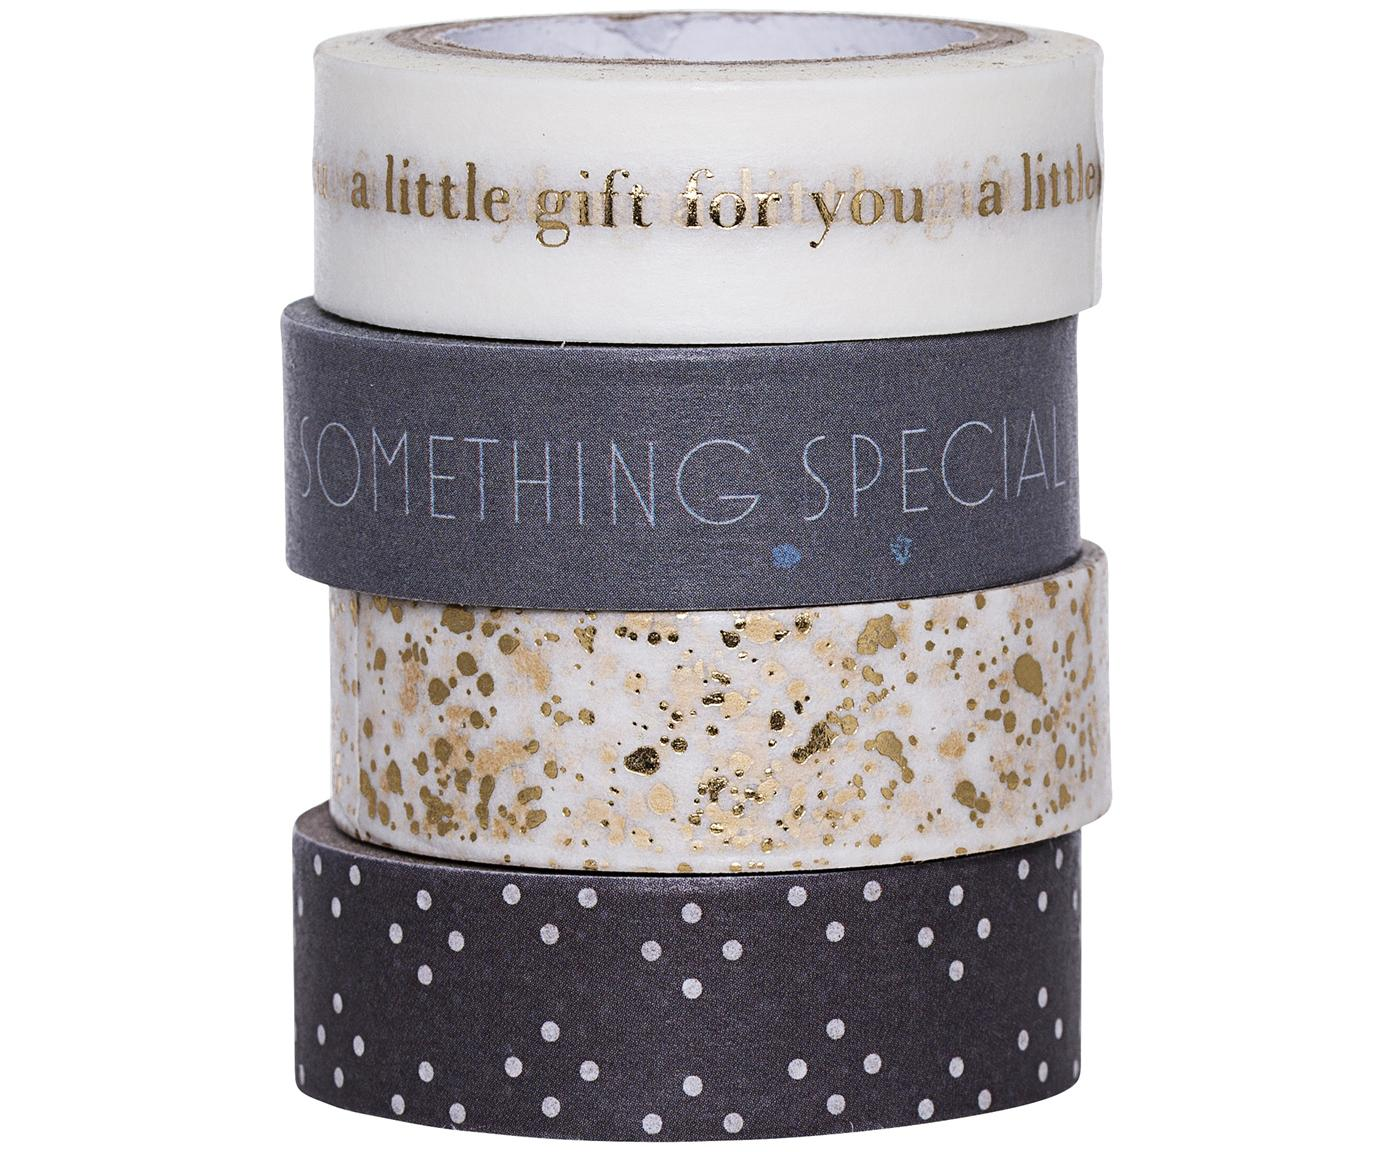 Set de cintas Special, 4pzas., Papel, Blanco, dorado, gris, L 800 cm